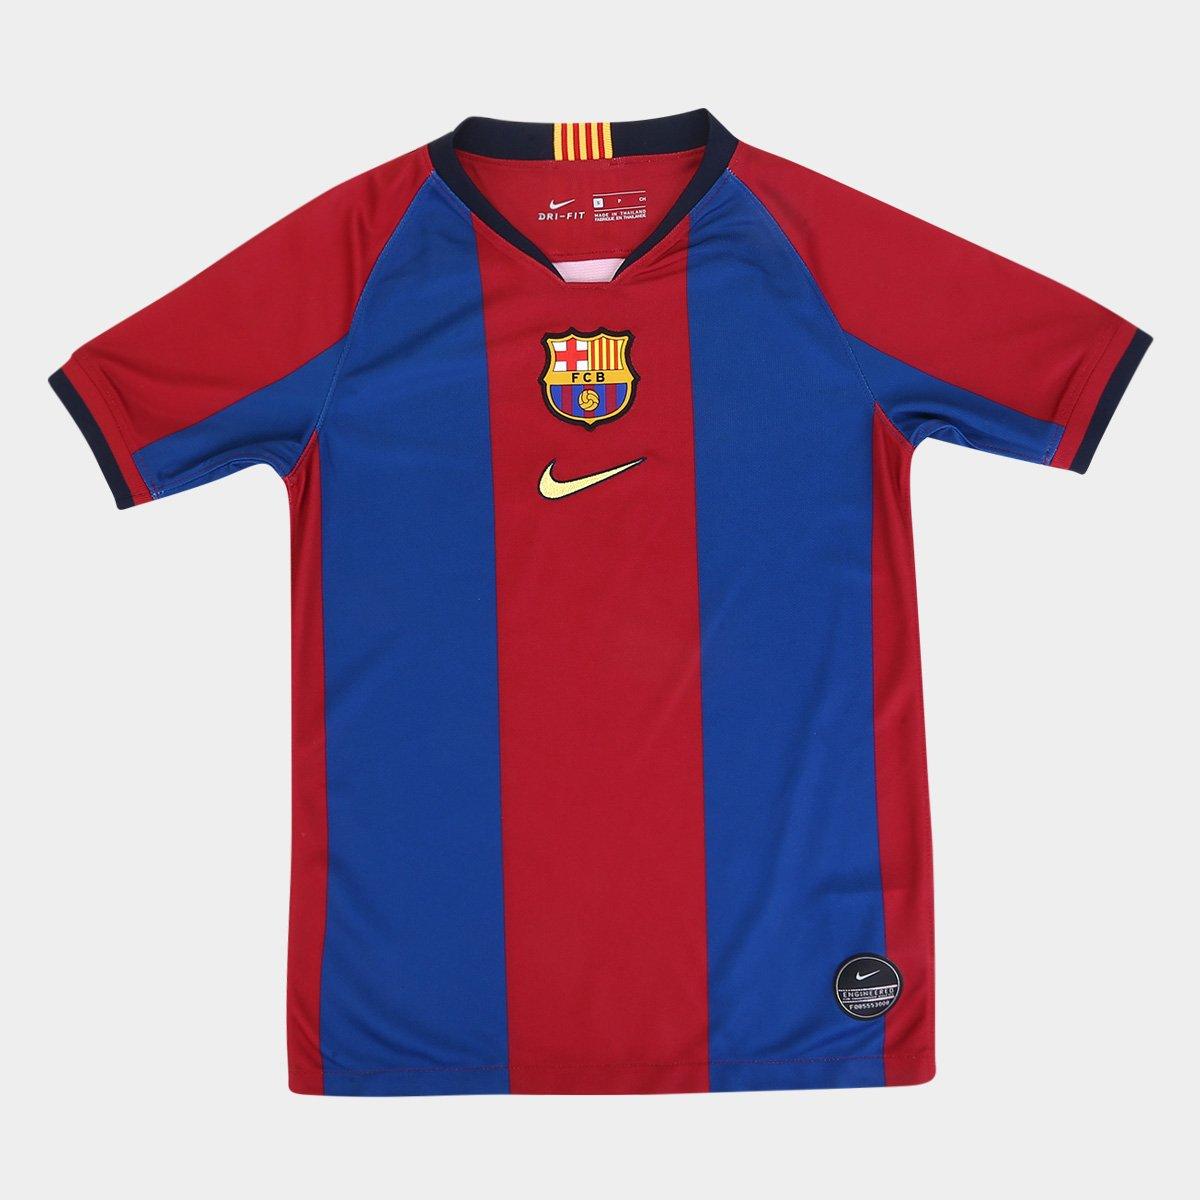 066bba950e Camisa Barcelona Infantil 98/99 s/n° Torcedor Nike - Edição Limitada - Azul  | Allianz Parque Shop